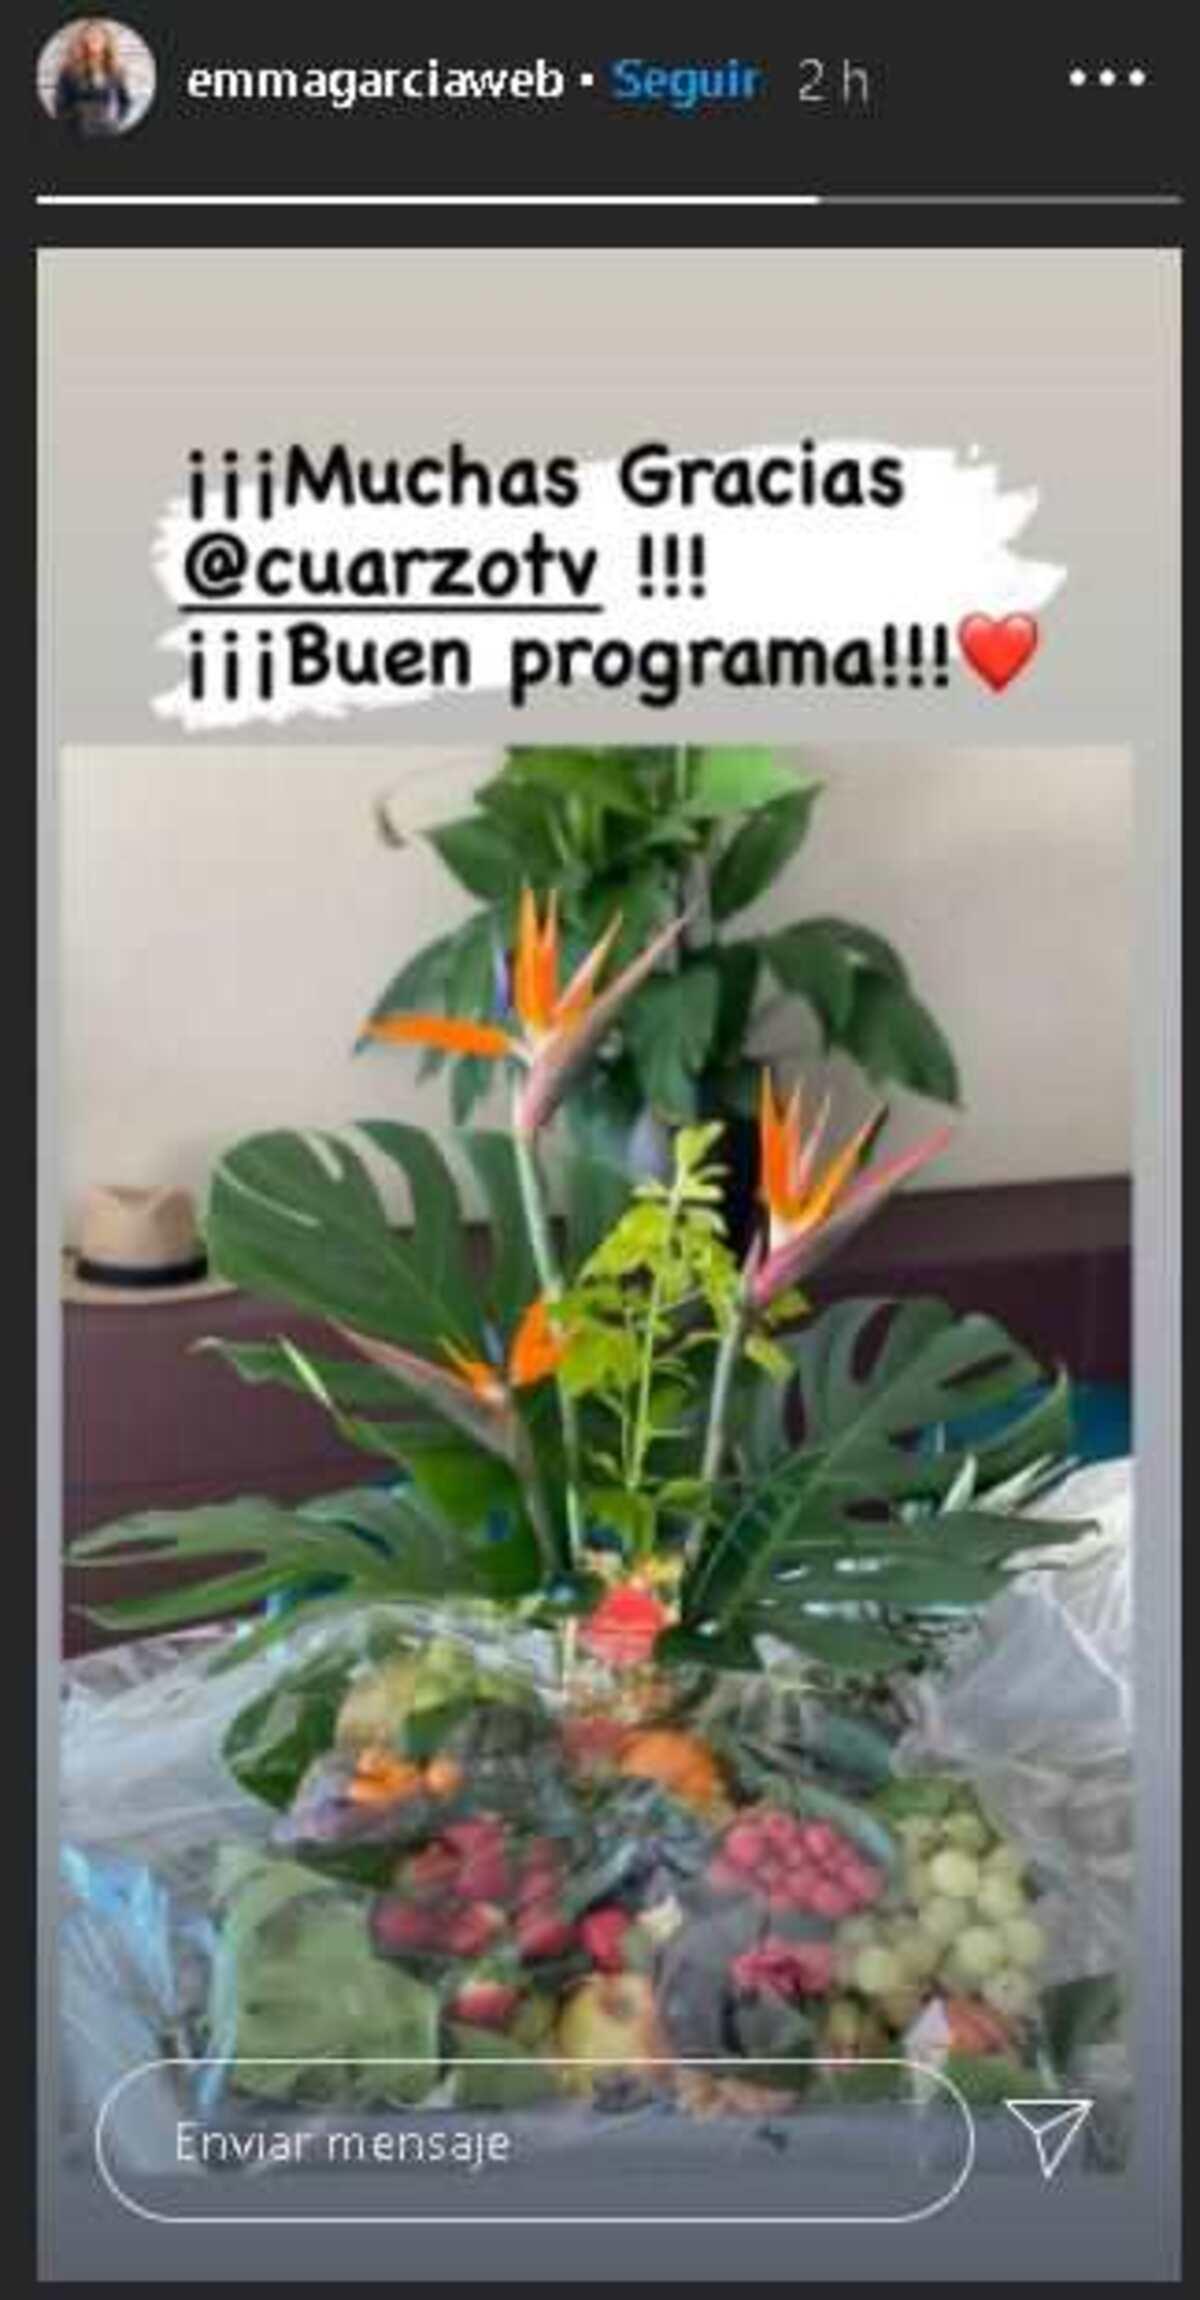 Storie de Emma García en la que muestra un ramo de frutas